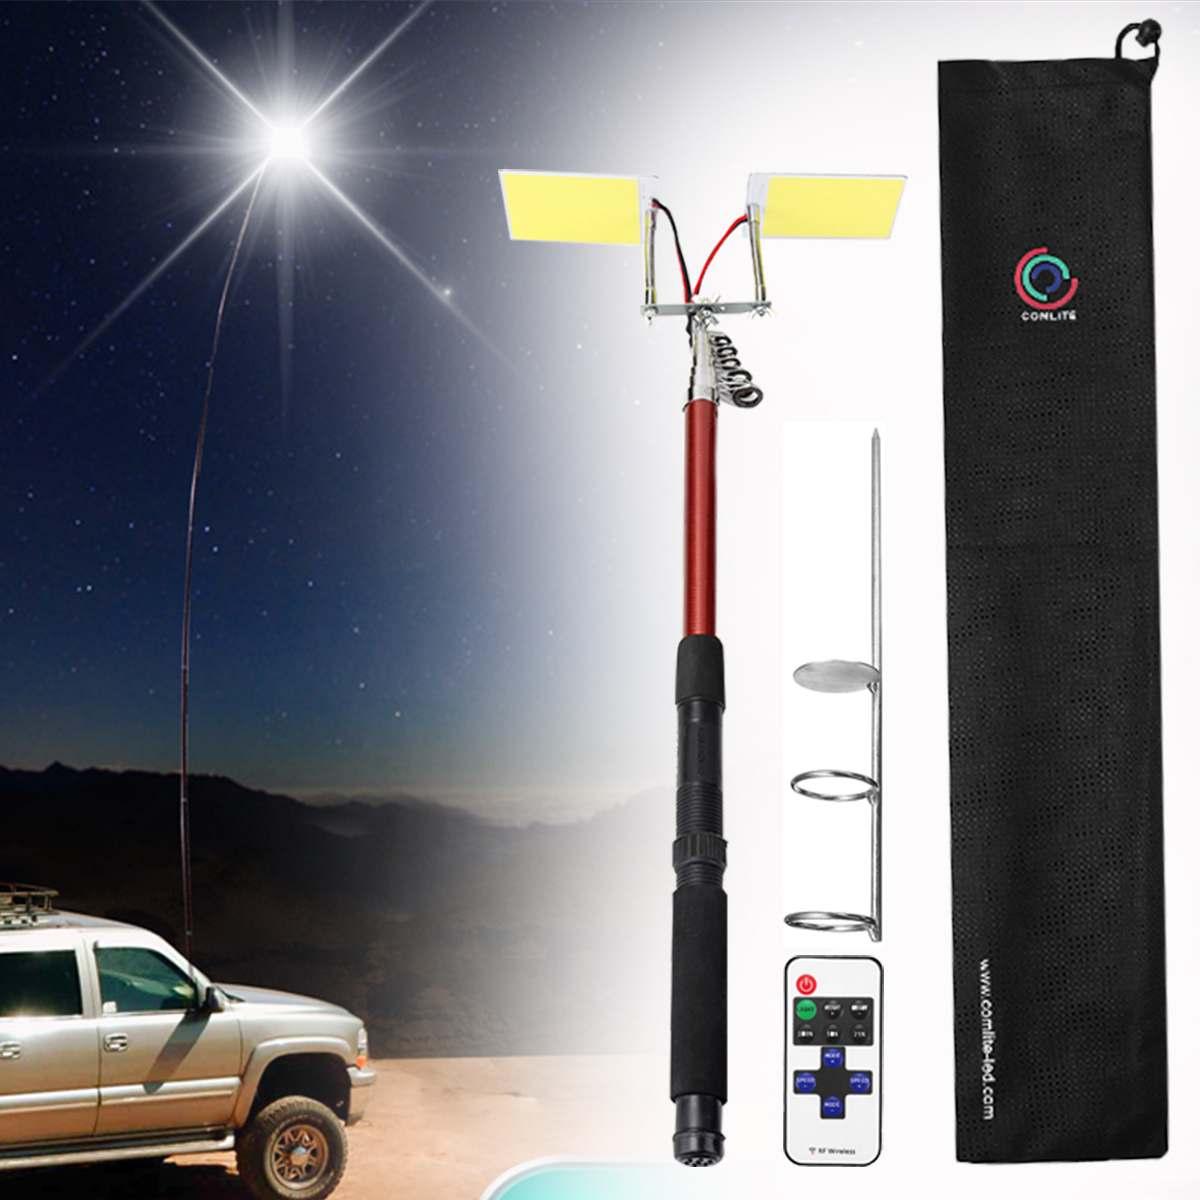 Lampe de Camping à commande avec télécommande, canne de pêche télescopique de 3.75M 12 V, lanterne d'extérieur, pour les voyages en route